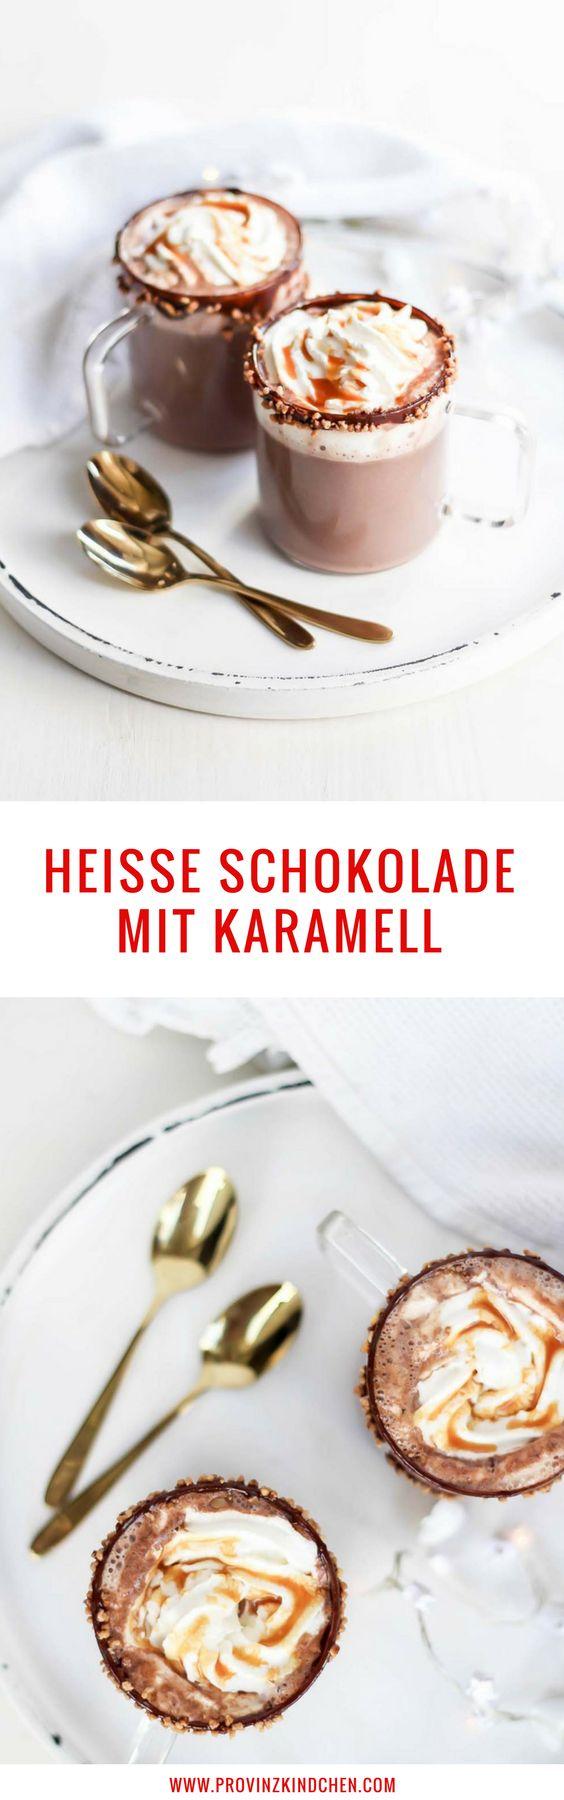 Rezept für heisse Schokolade mit Karamell zum selber machen.